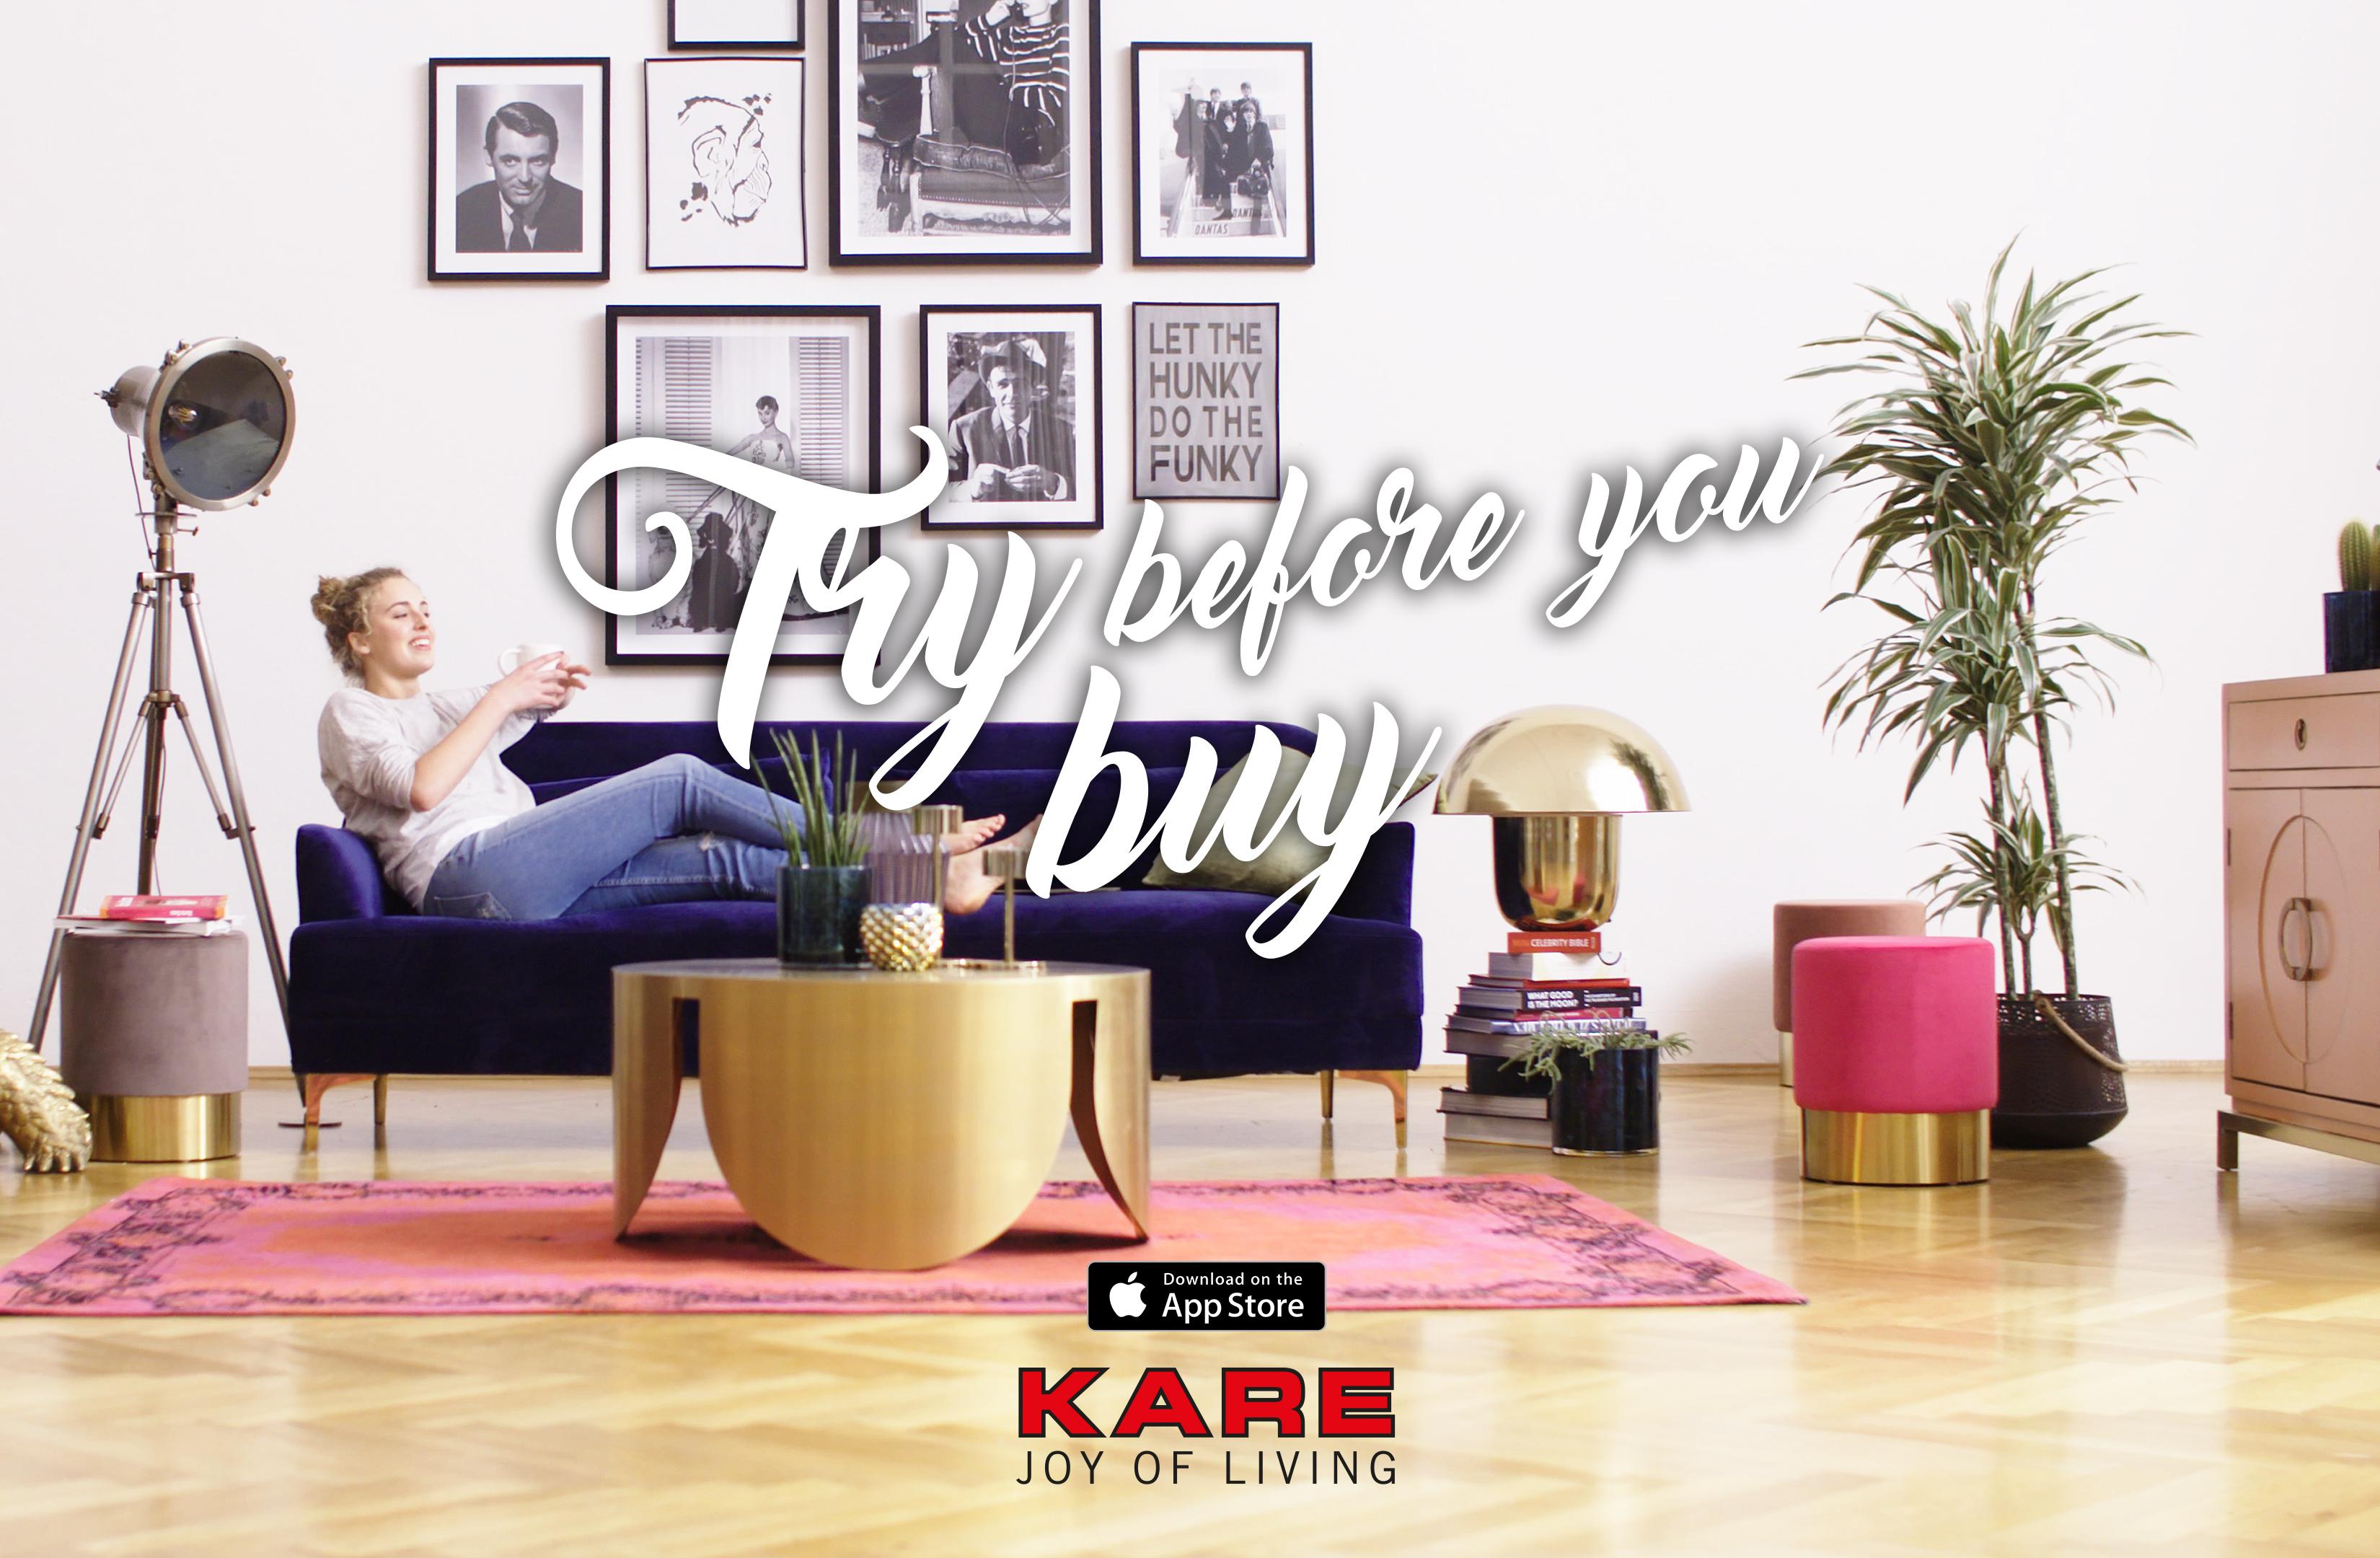 fuigo app to coworking space do designers sfreihon use interior a get dedicated what know